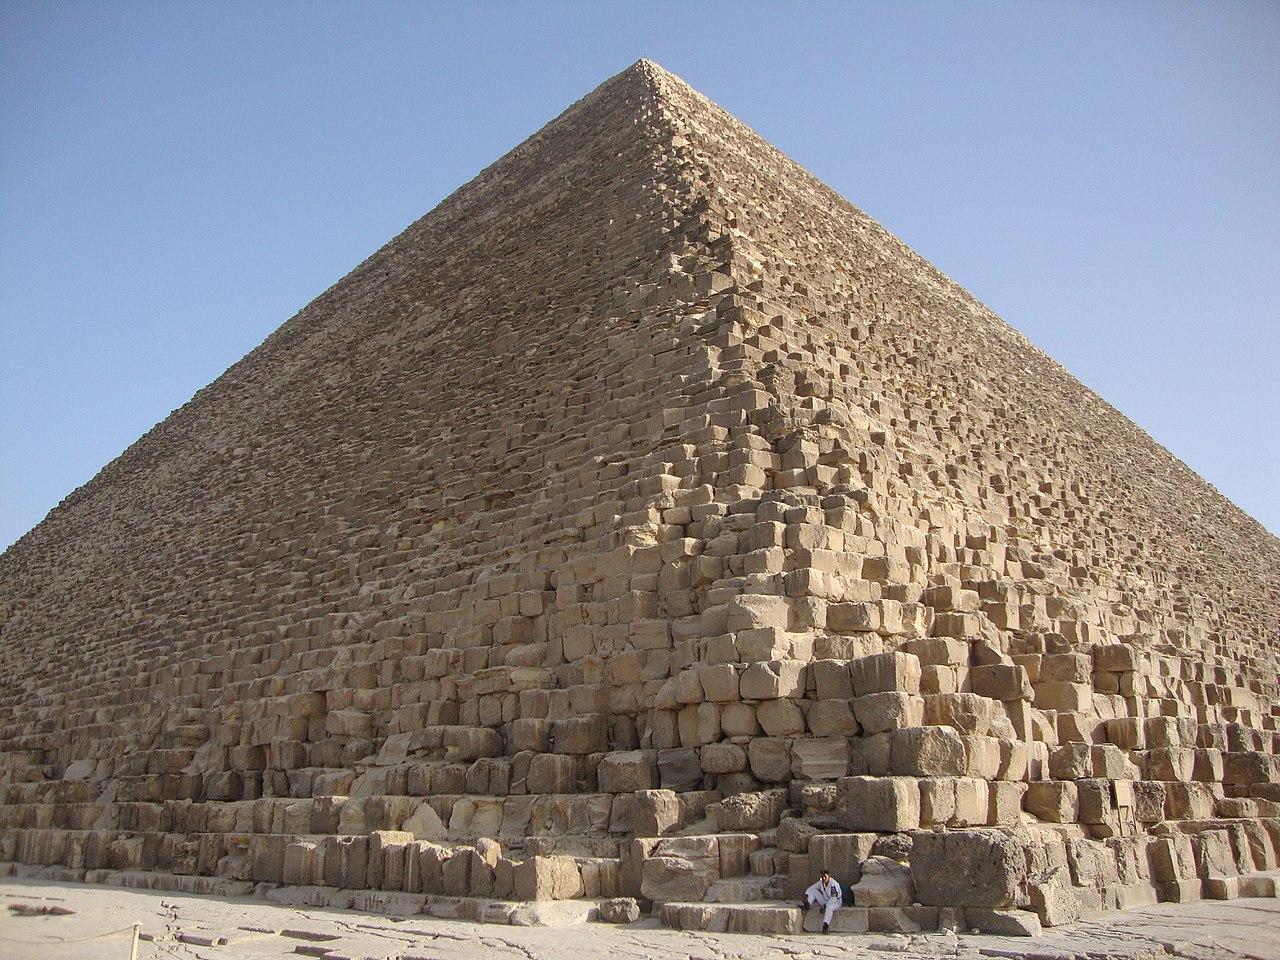 Pirâmides do Egito, o que são e como foram erguidas?